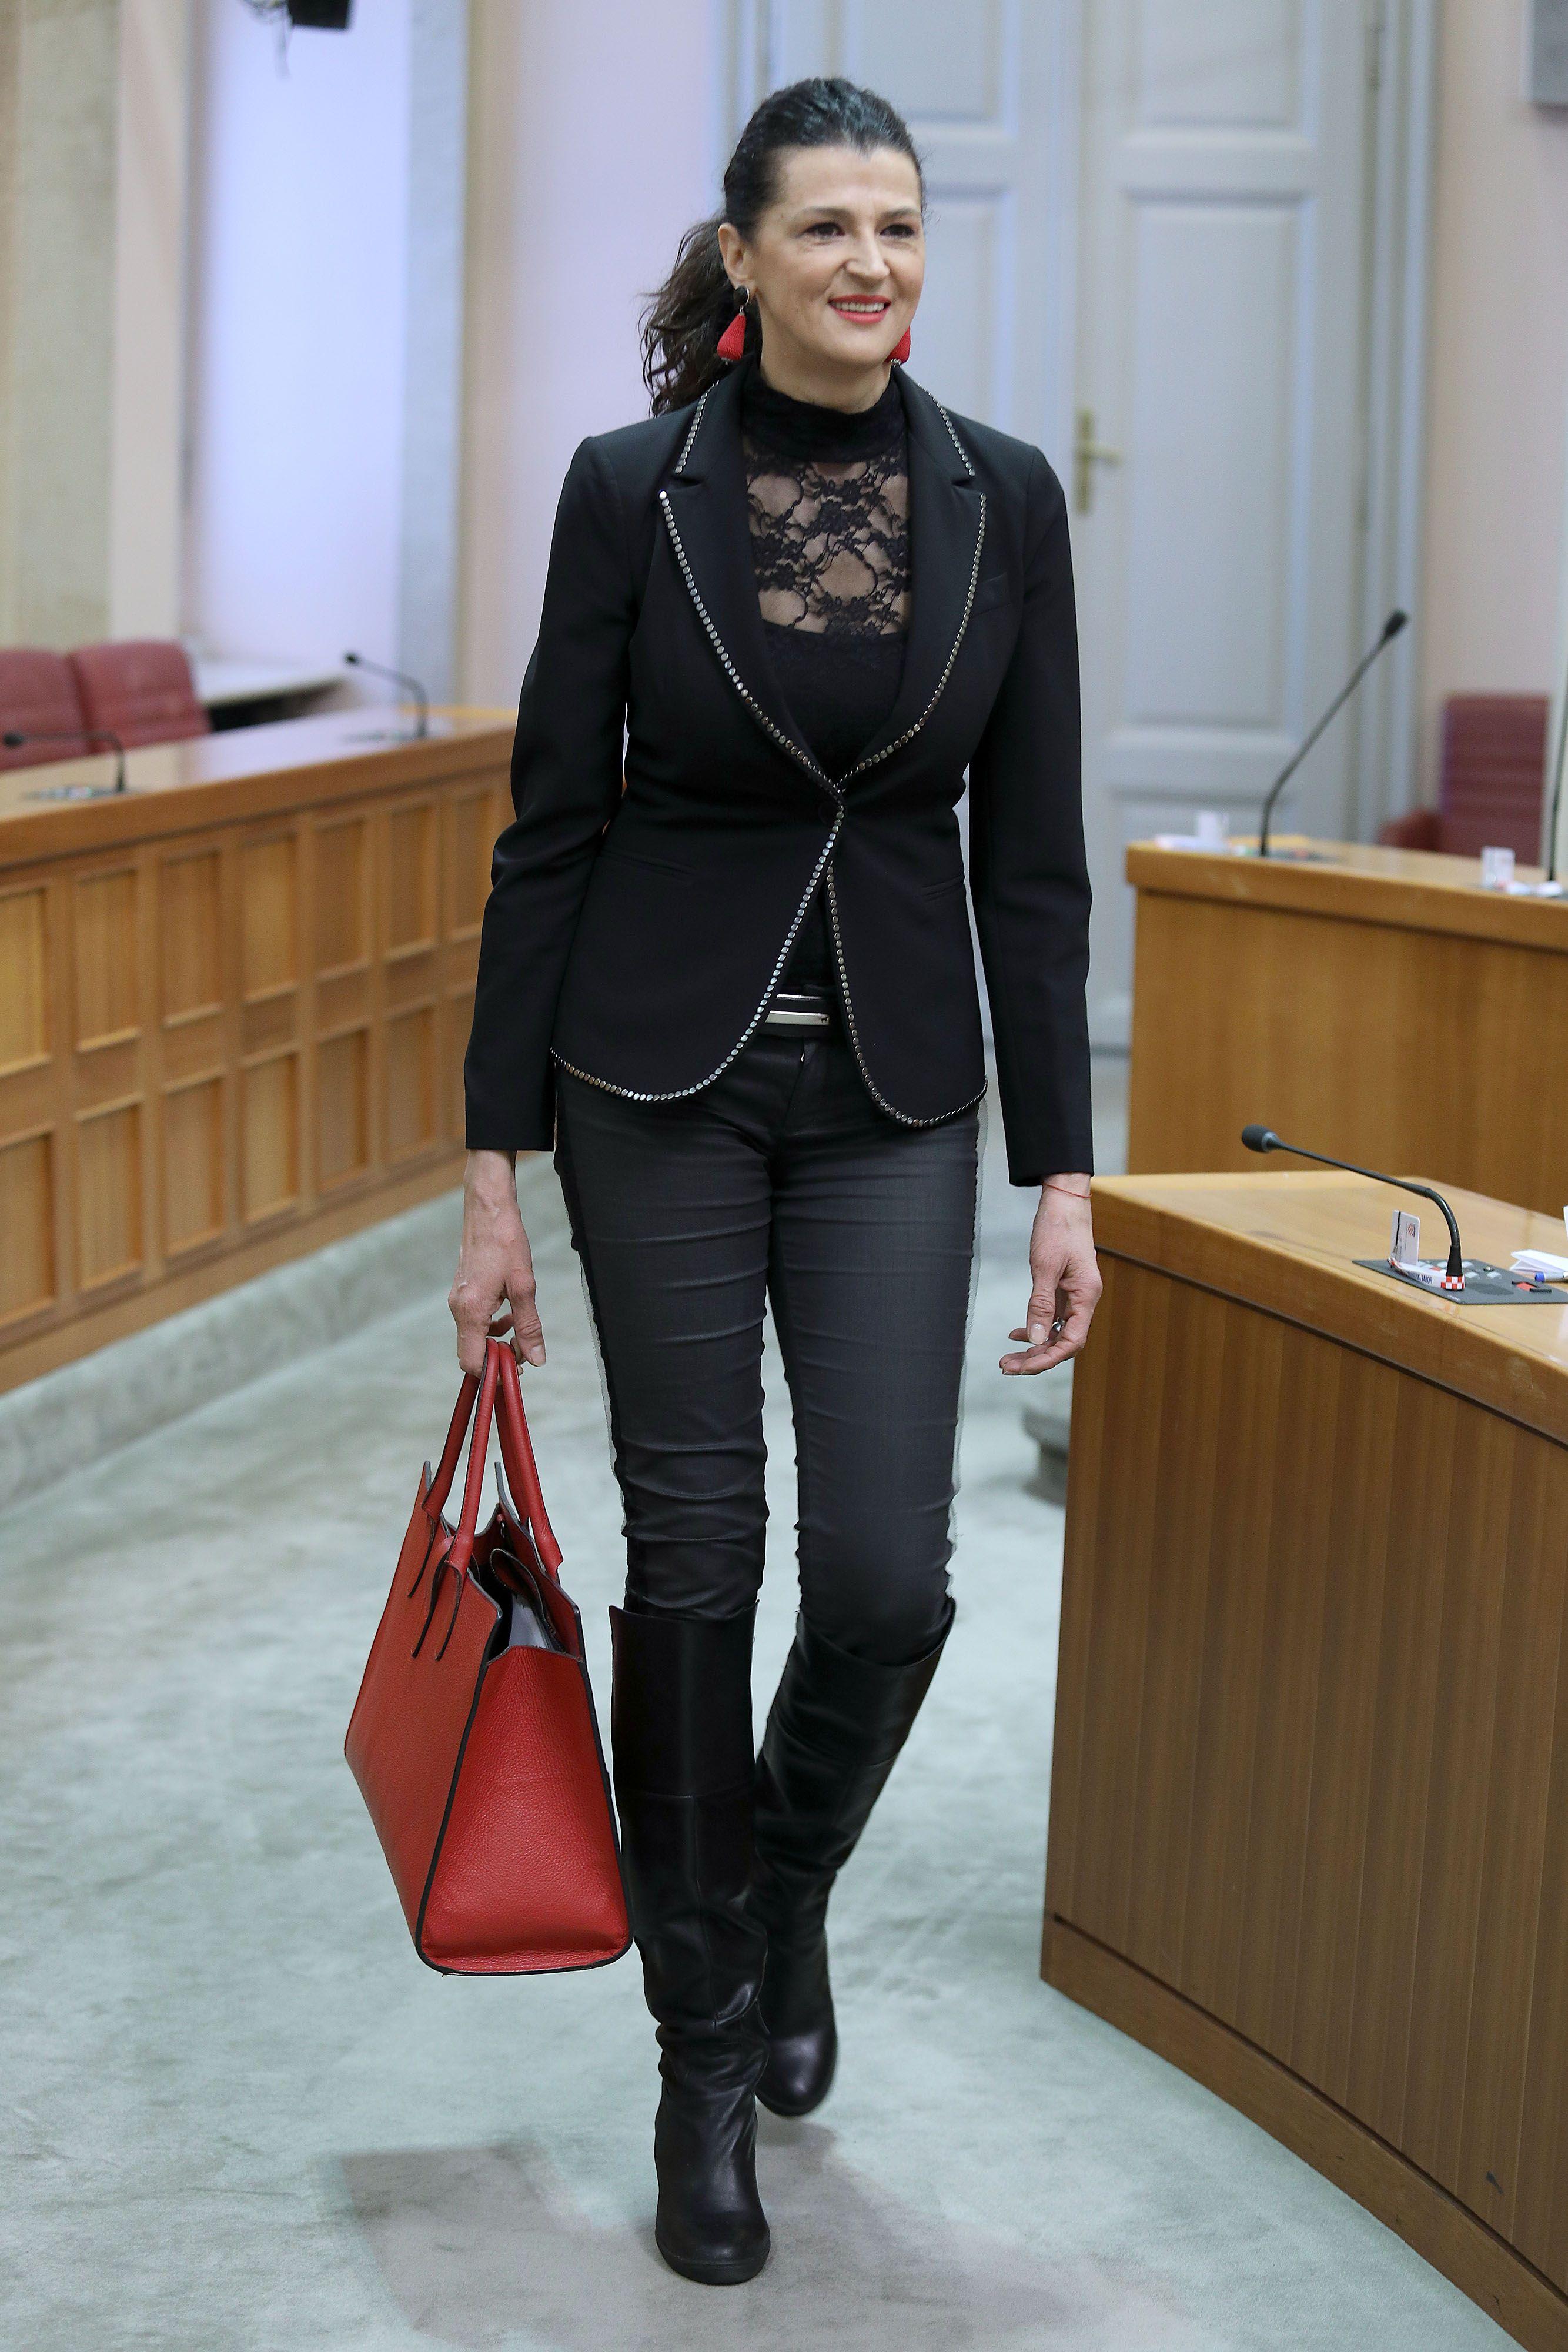 Može li se čipkasto nositi i u Sabor? Ako pitate zastupnicu Romanu Jerković - da!